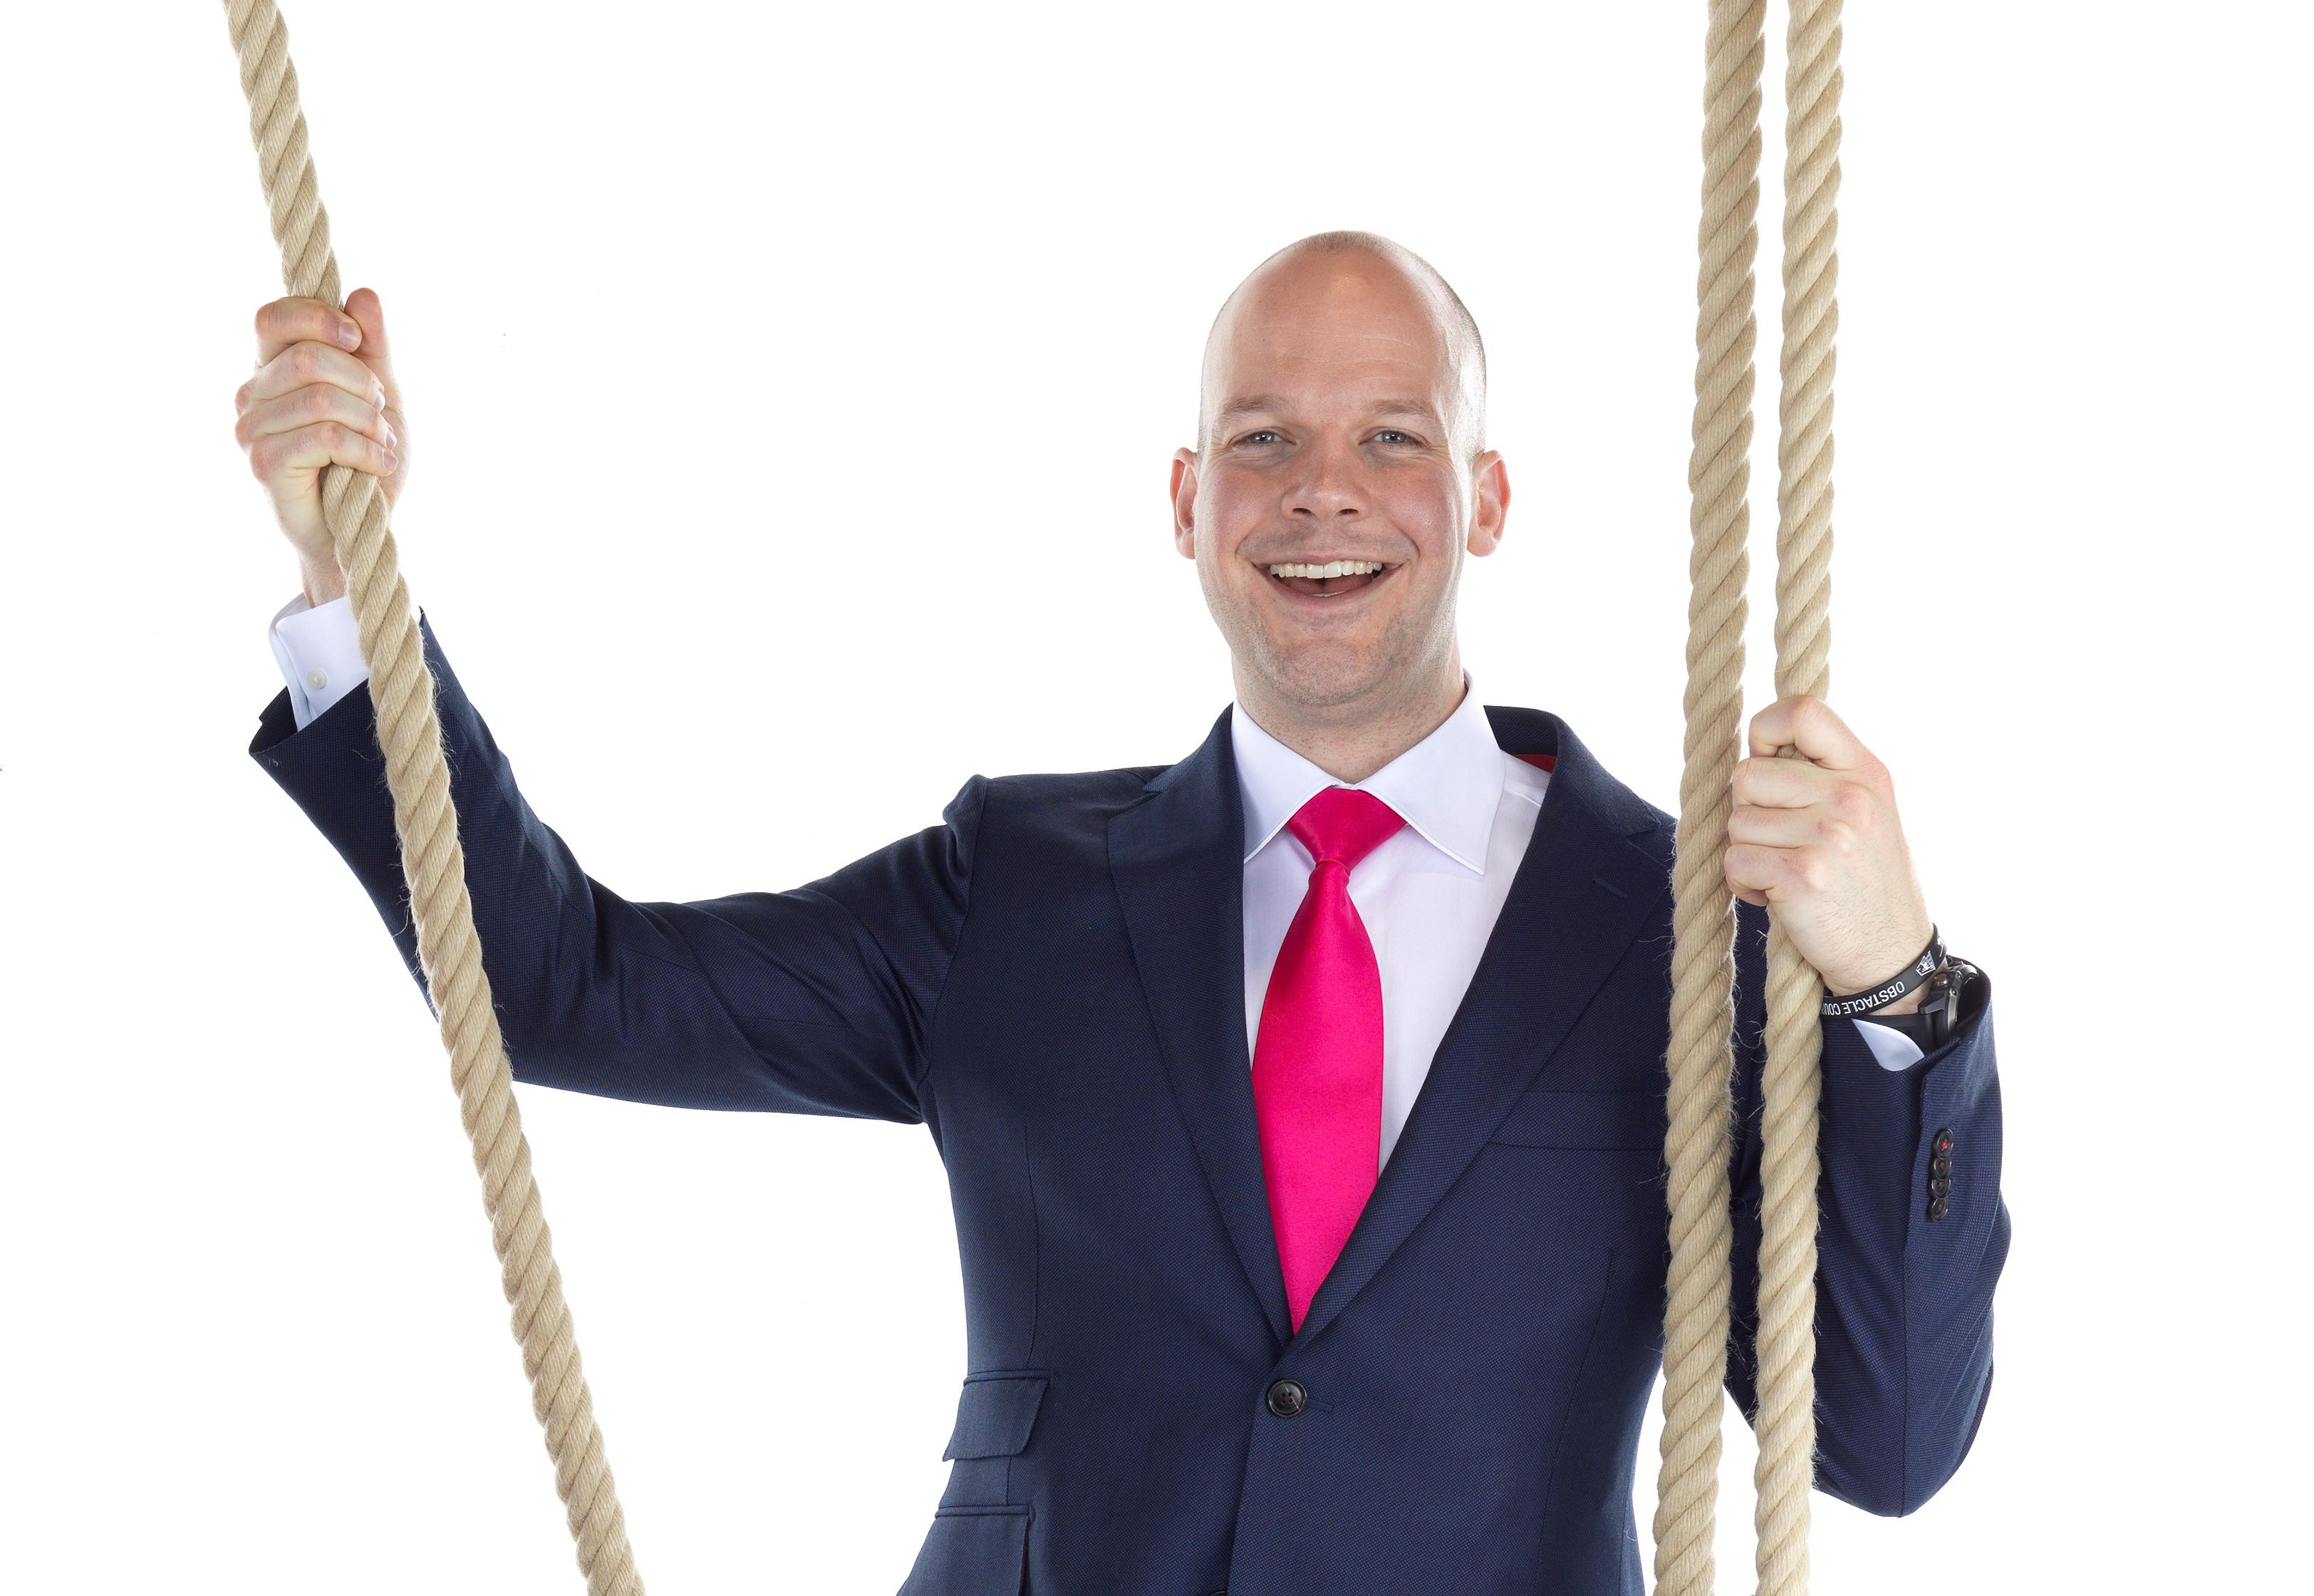 Openingsdans trainer en eigenaar Vincent Verbeek